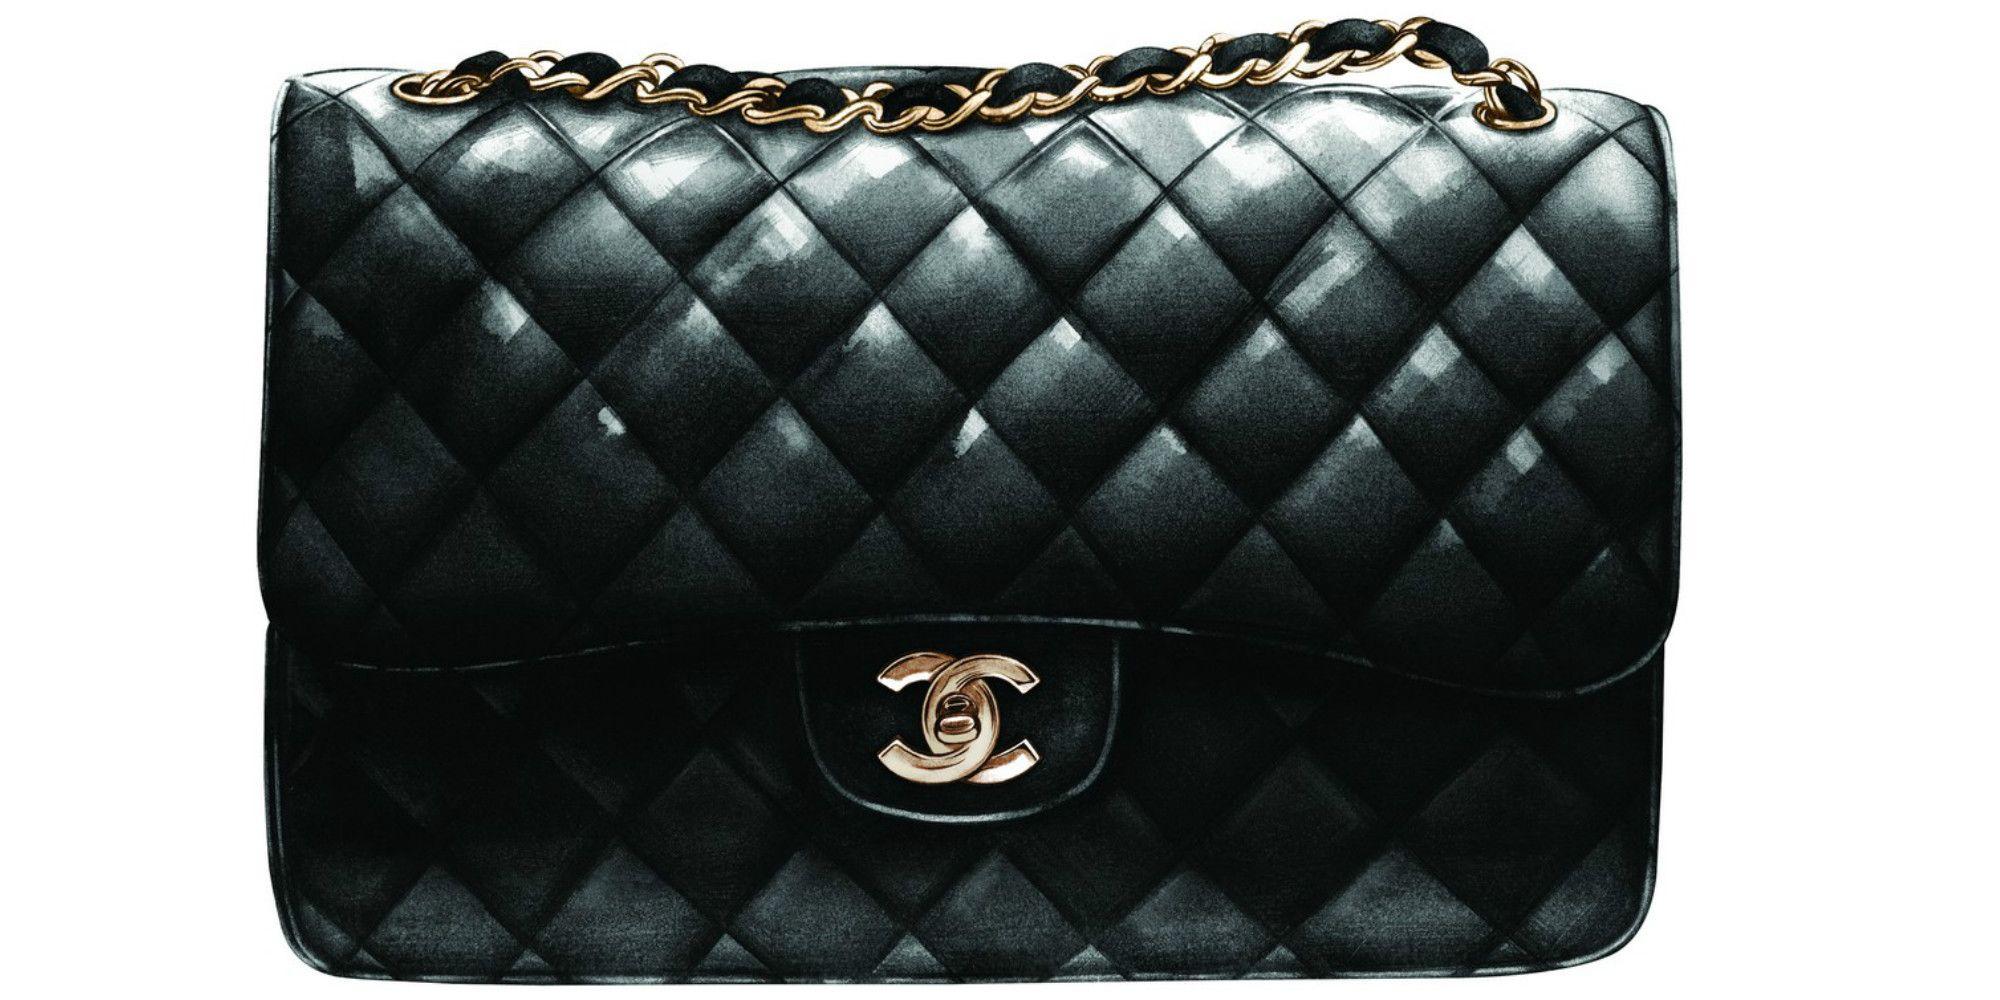 76114fbe35 Le 25 borse più vendute online: la classifica delle it bag